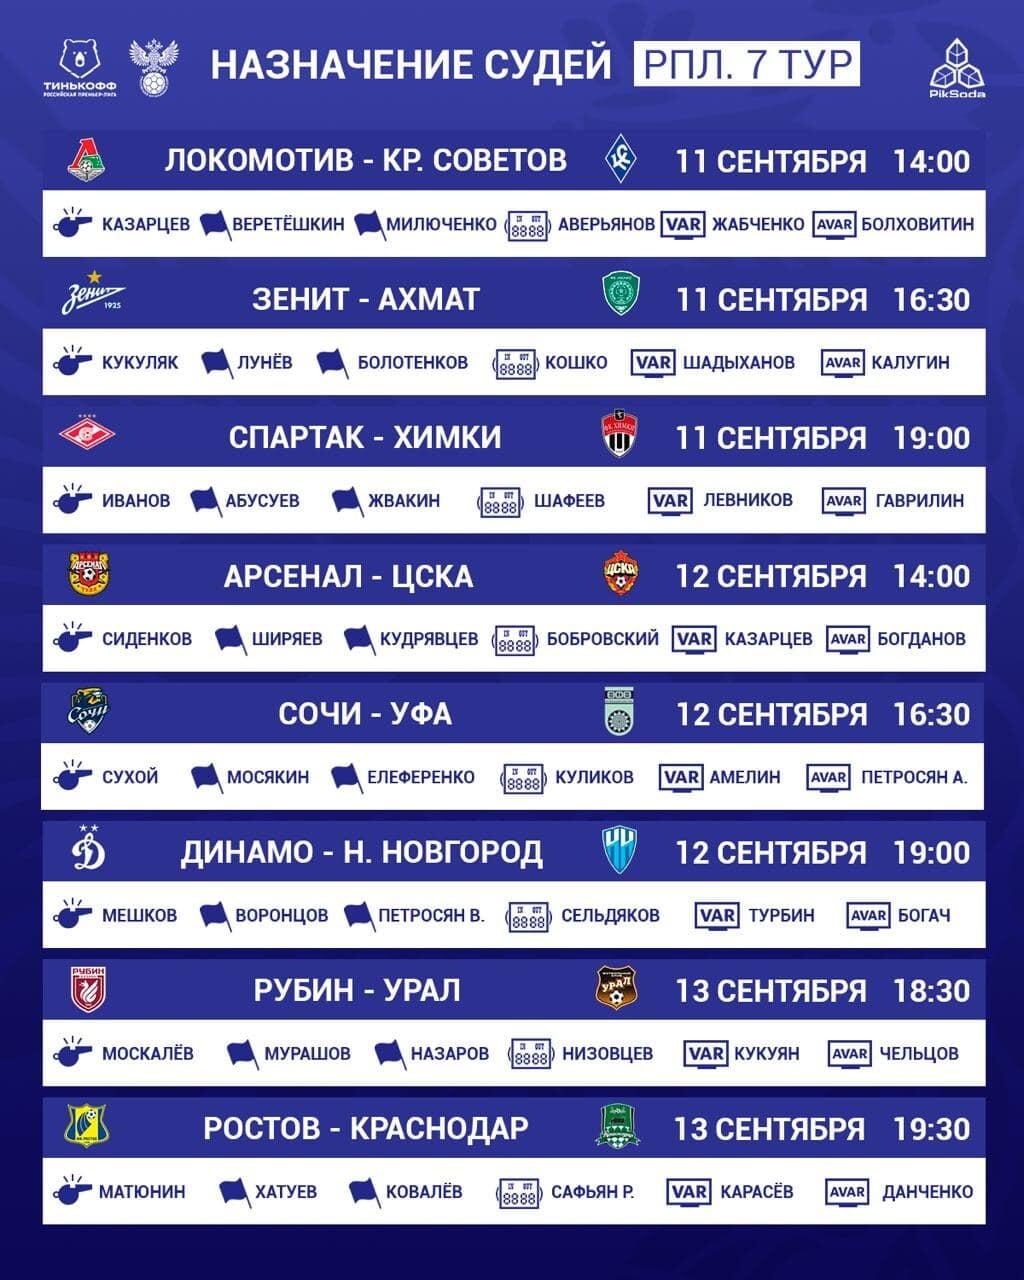 Иванов обслужит матч «Спартака» и «Химок», Матюнин – игру «Ростова» и «Краснодара» и другие назначения судей на 7-й тур РПЛ